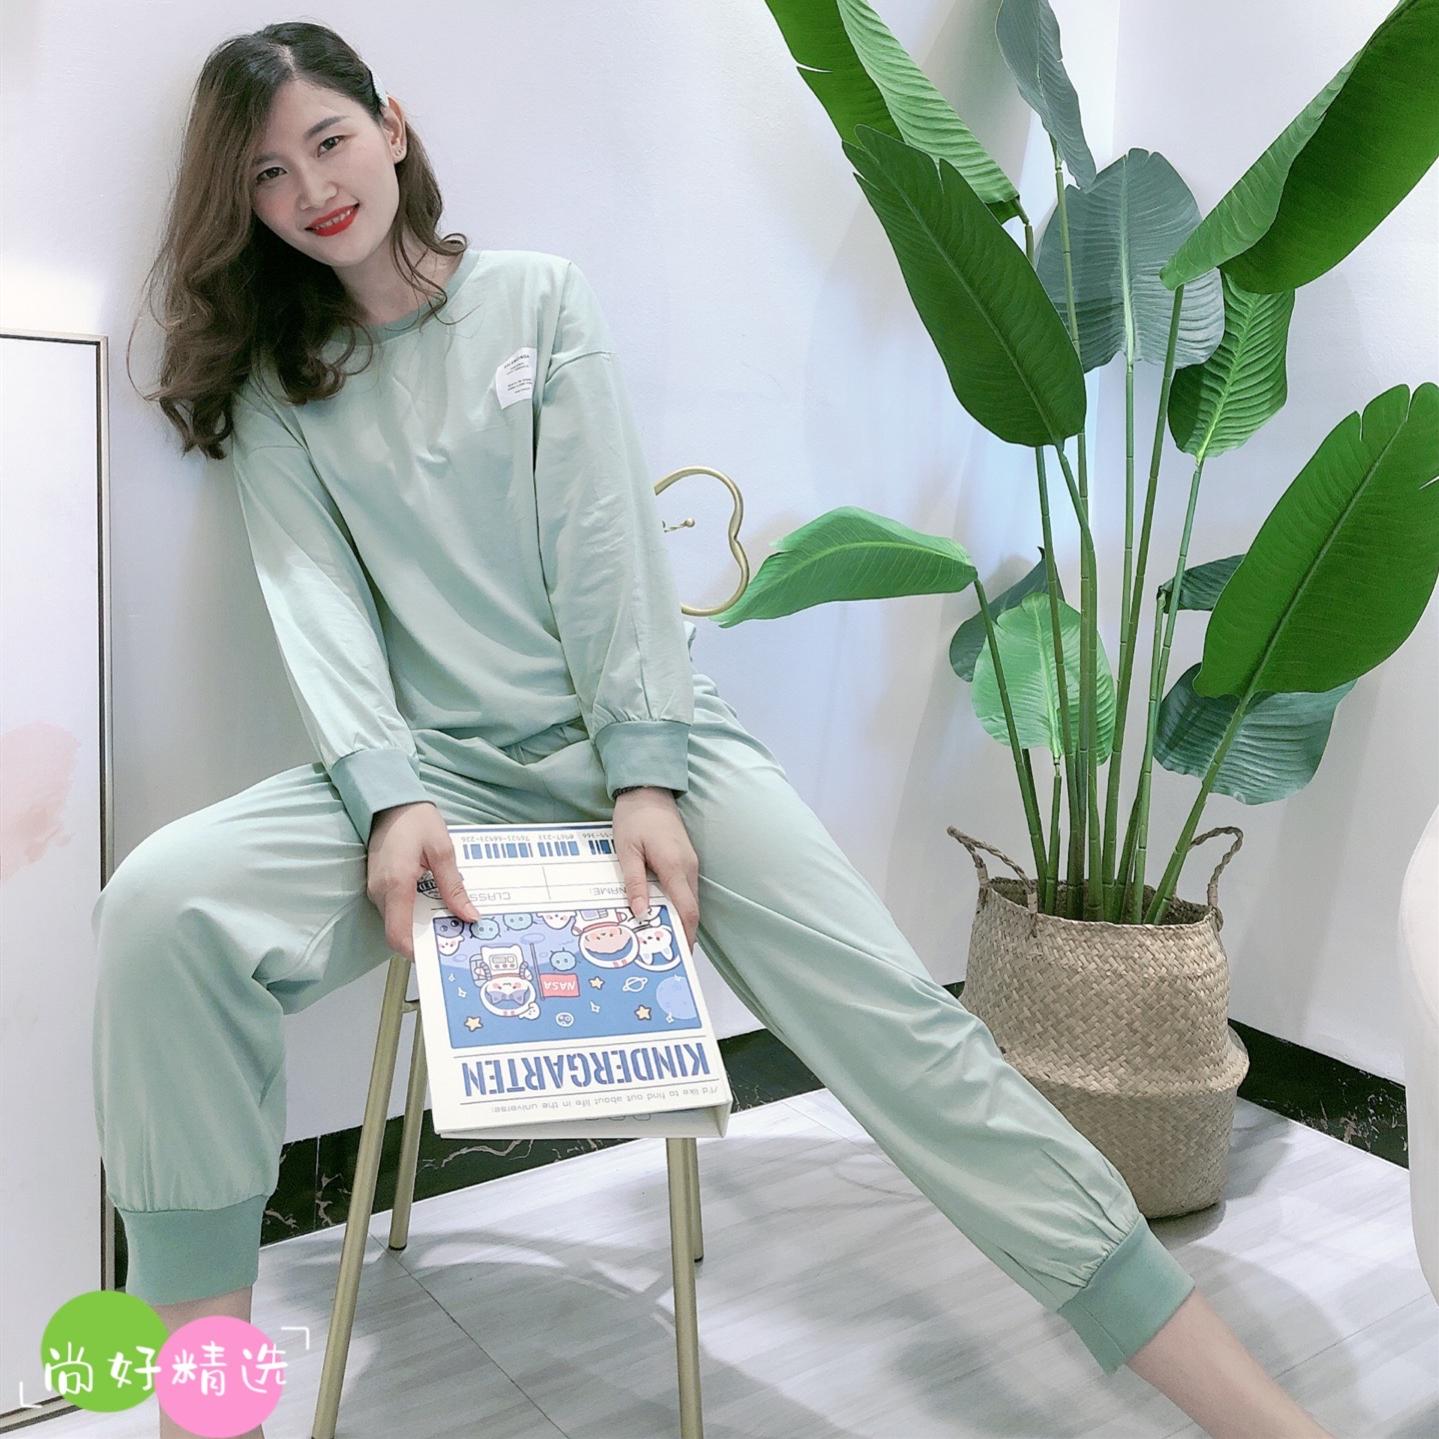 秋季睡衣女纯色果果家圆领新款长袖运动套装休闲简约纯棉家居服